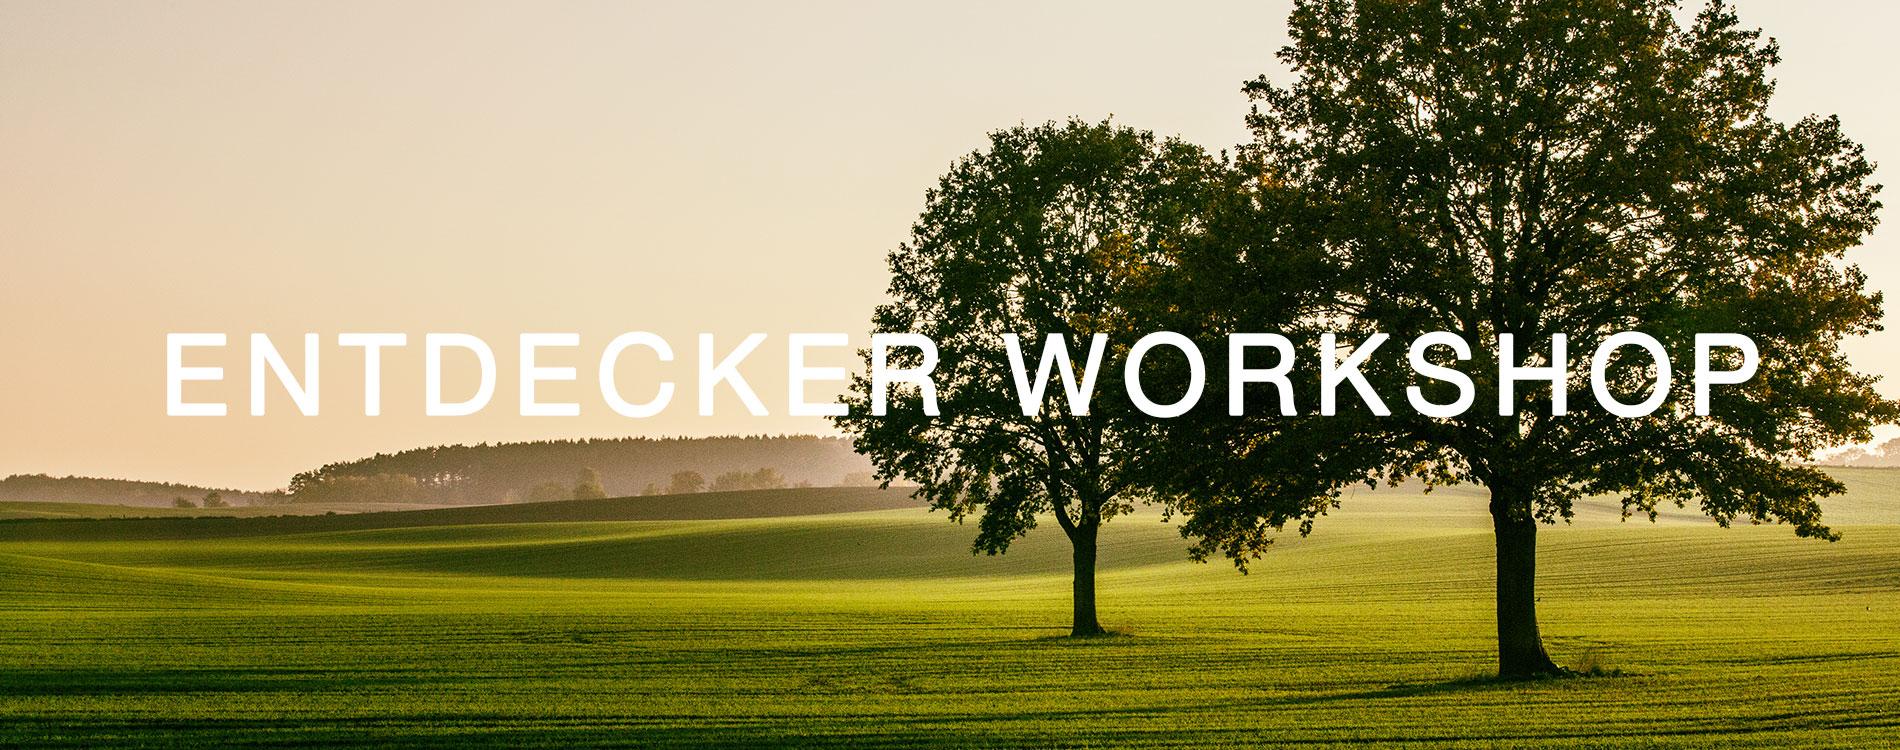 WM_Workshopbanner_entdecker.jpg